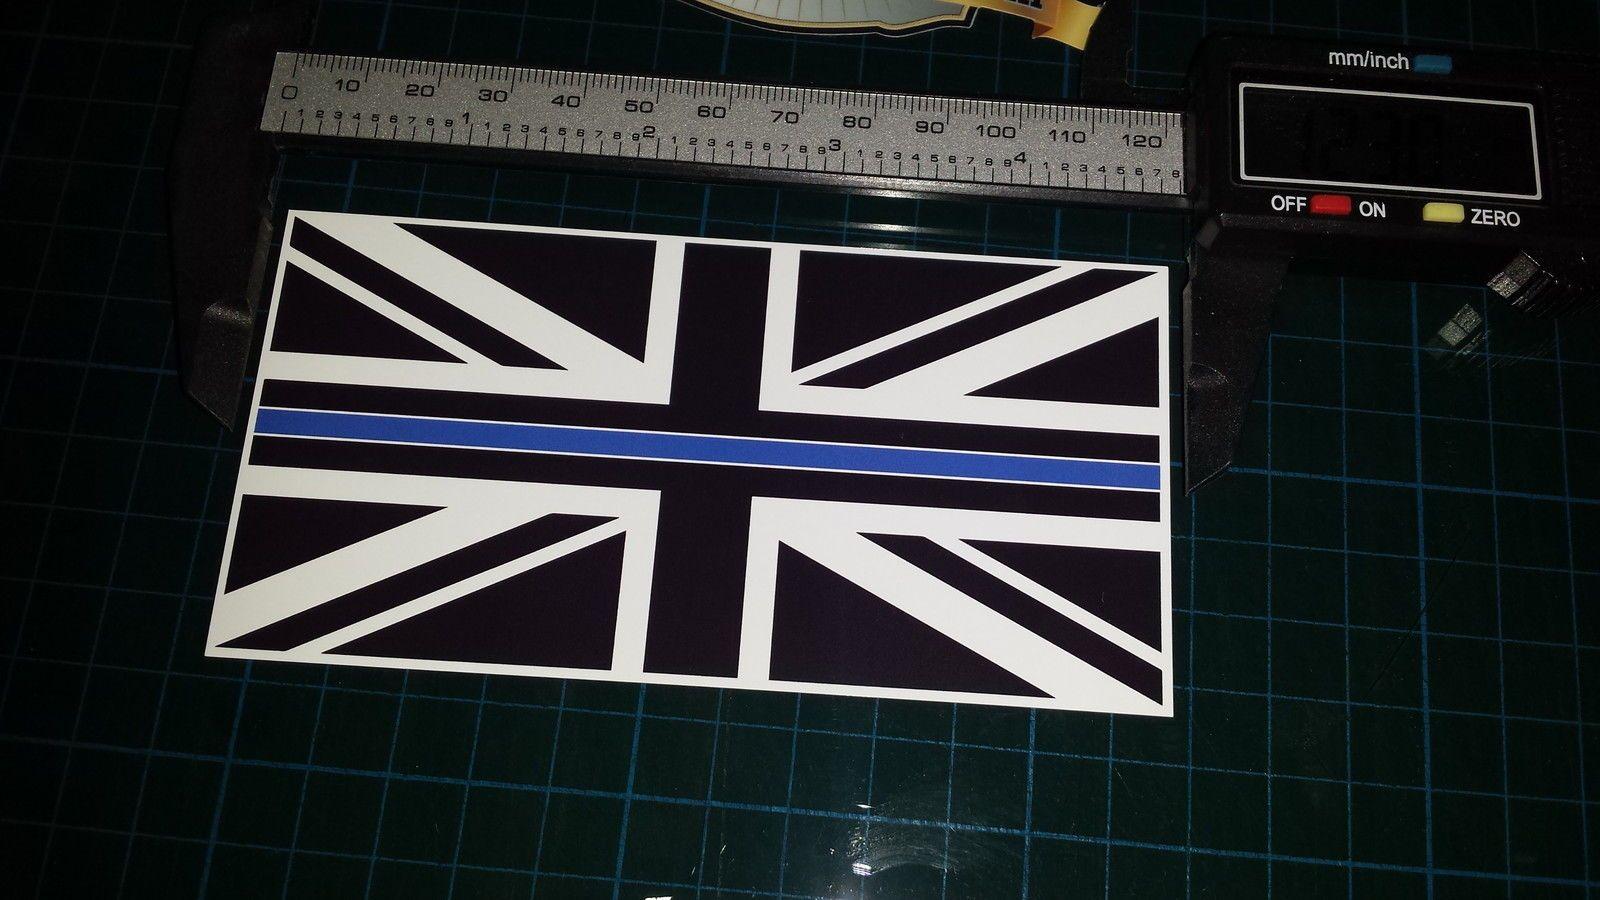 Thin Blue Line Police Union Jack Black White Blue Colour